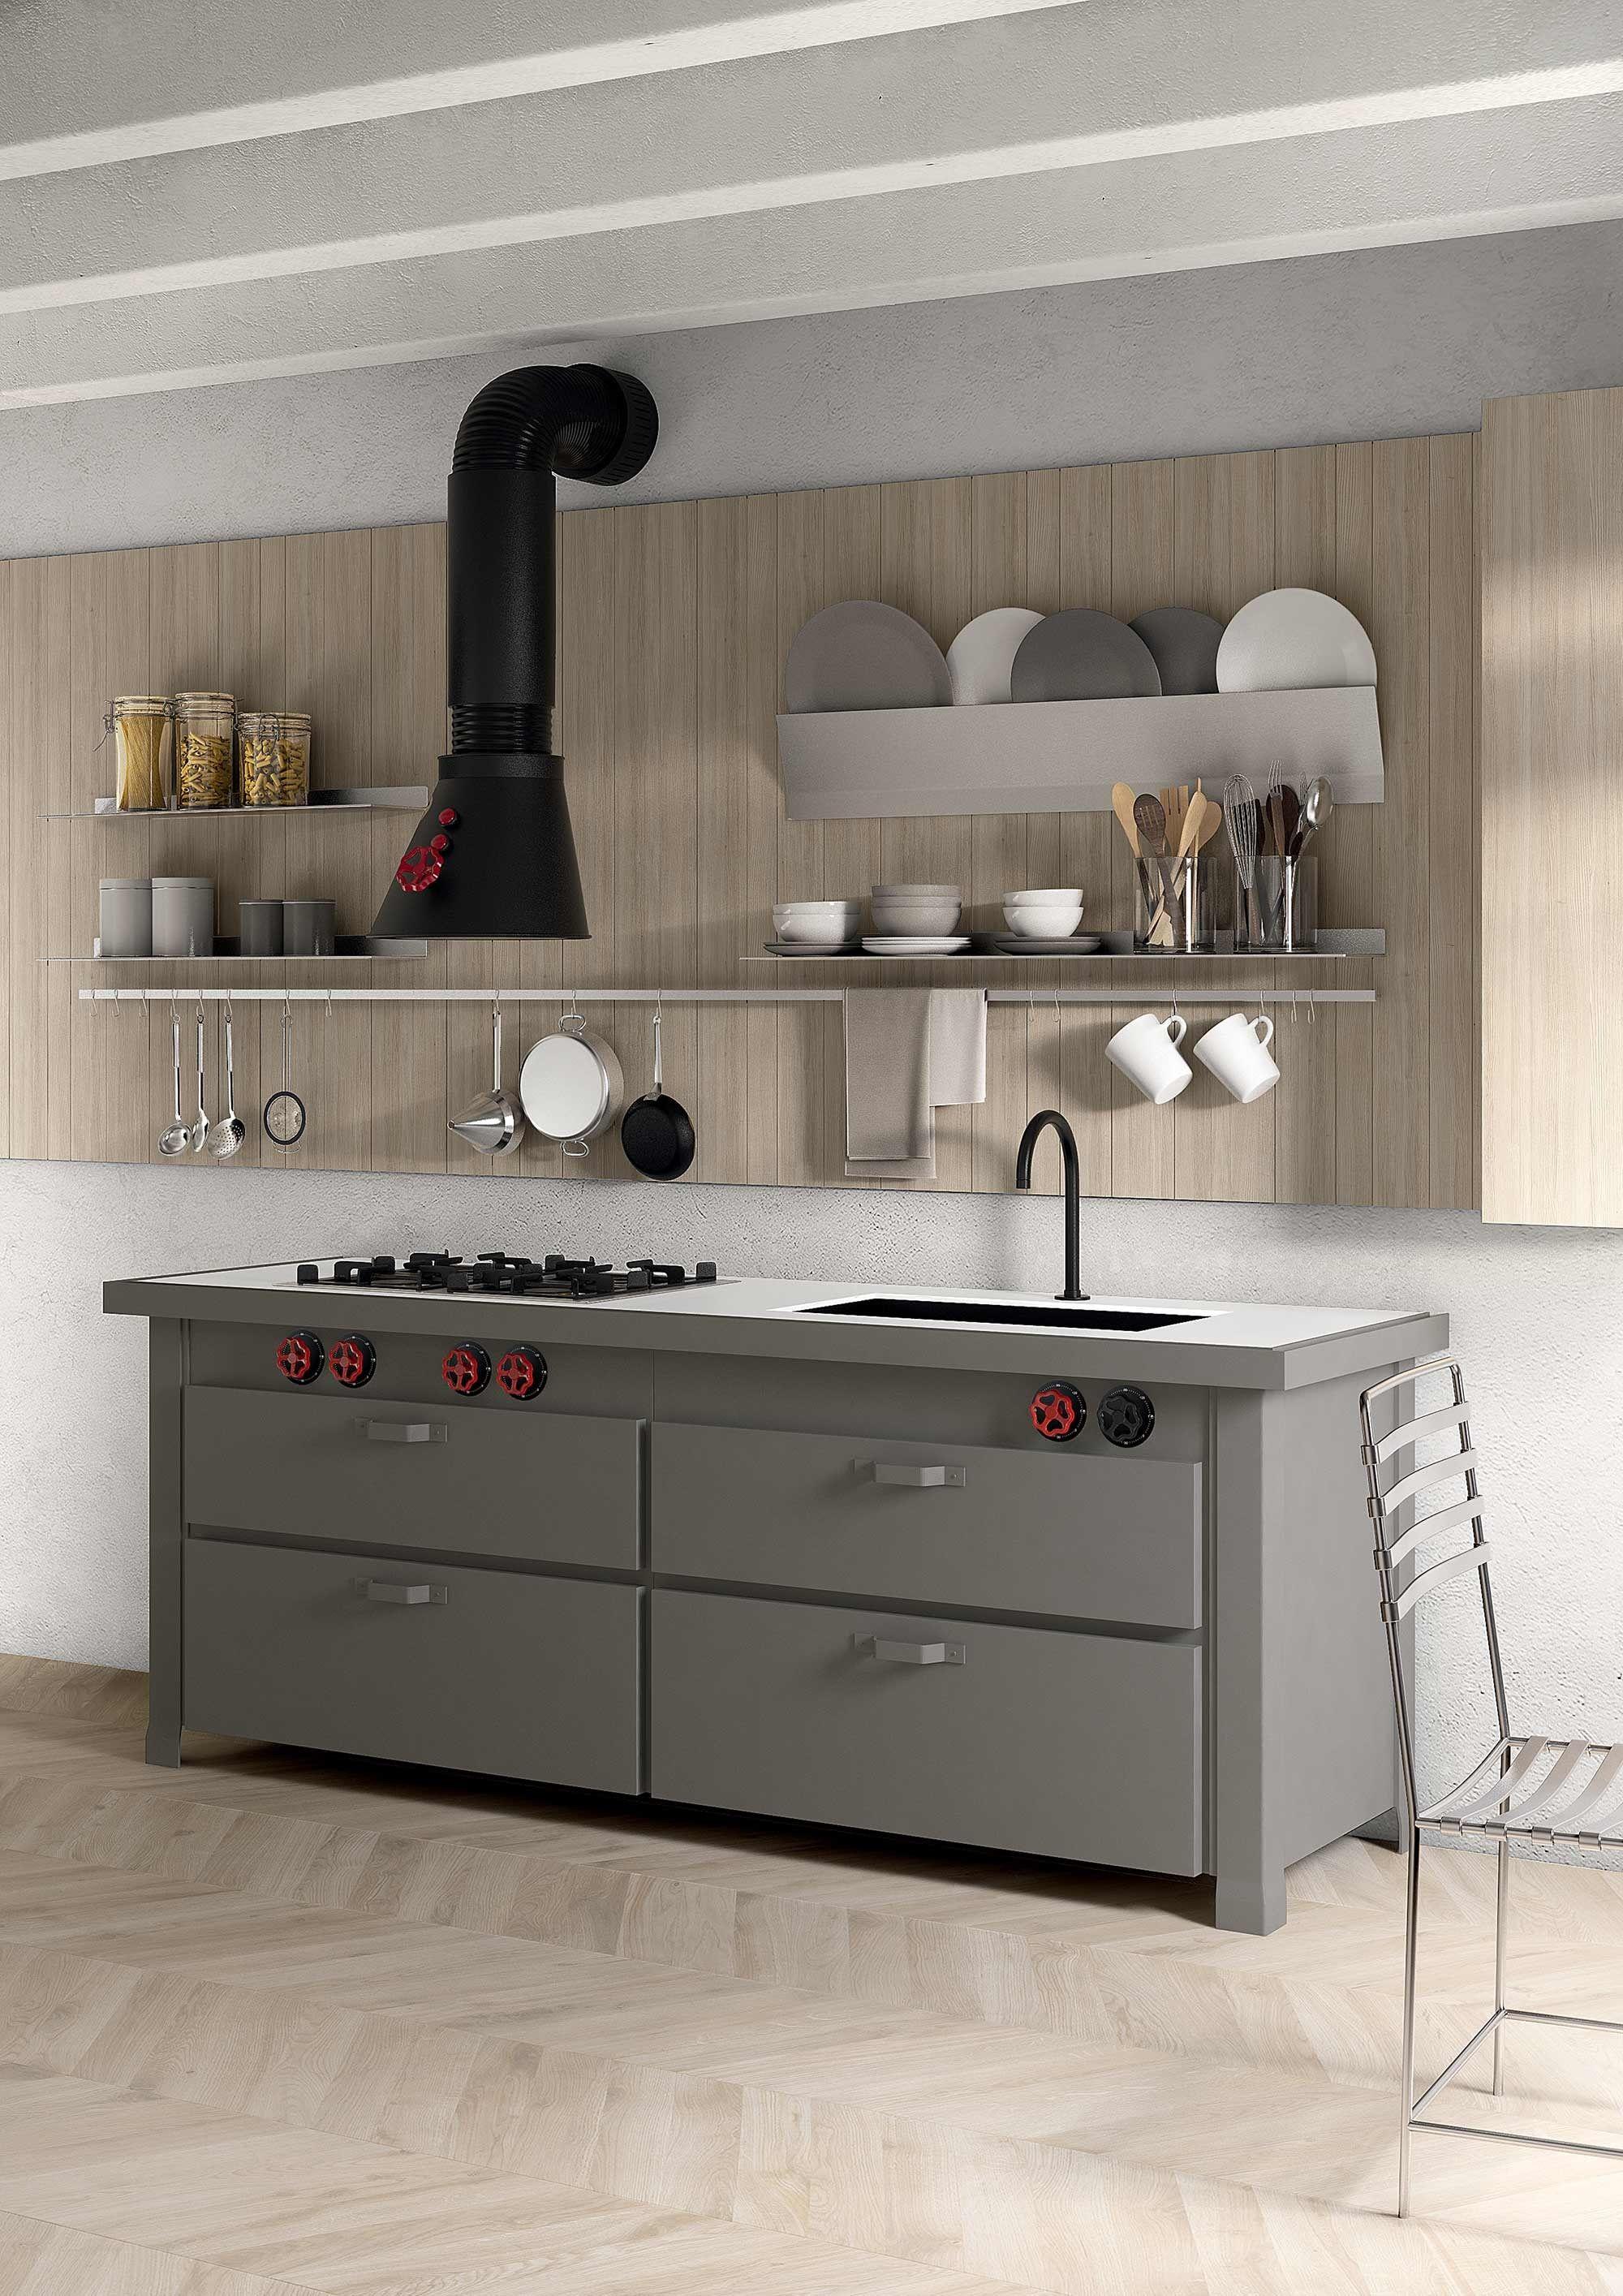 cucina in metallo min professional a parete by minacciolo design silvio stefani